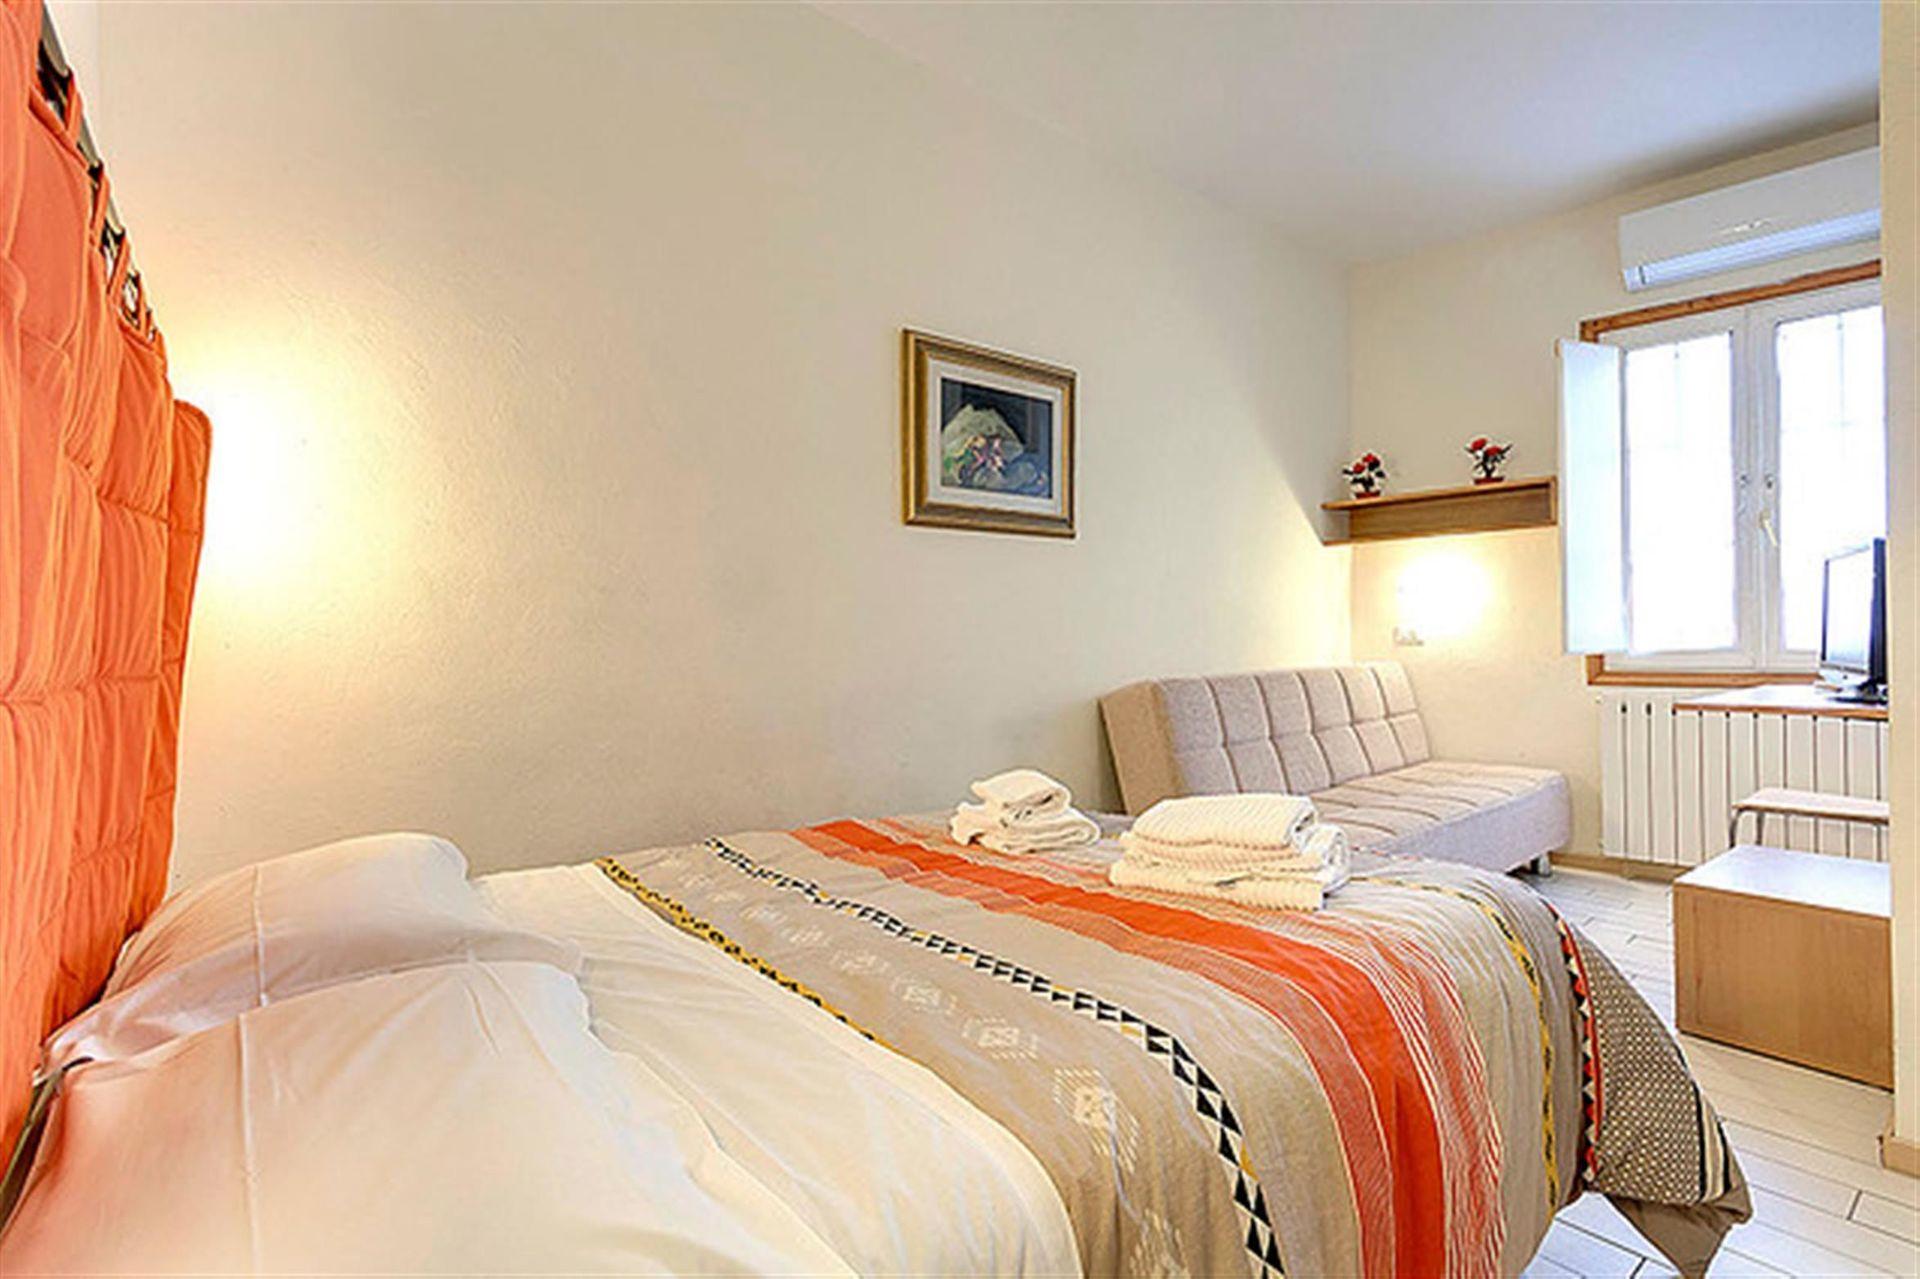 Cappelle medicee casa vacanze con 6 posti letto in 2 for Camere da letto firenze